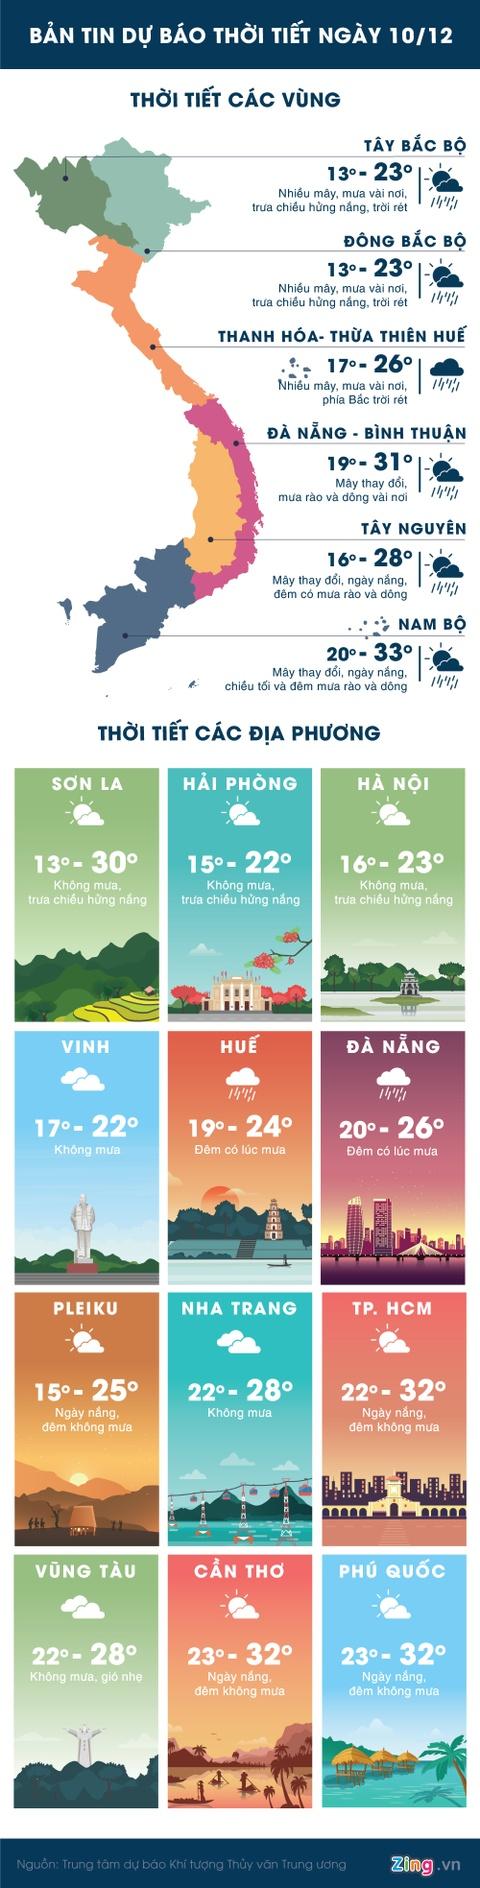 Thoi tiet ngay 10/12: Bac Bo hung nang, Nam Bo co mua dong hinh anh 1